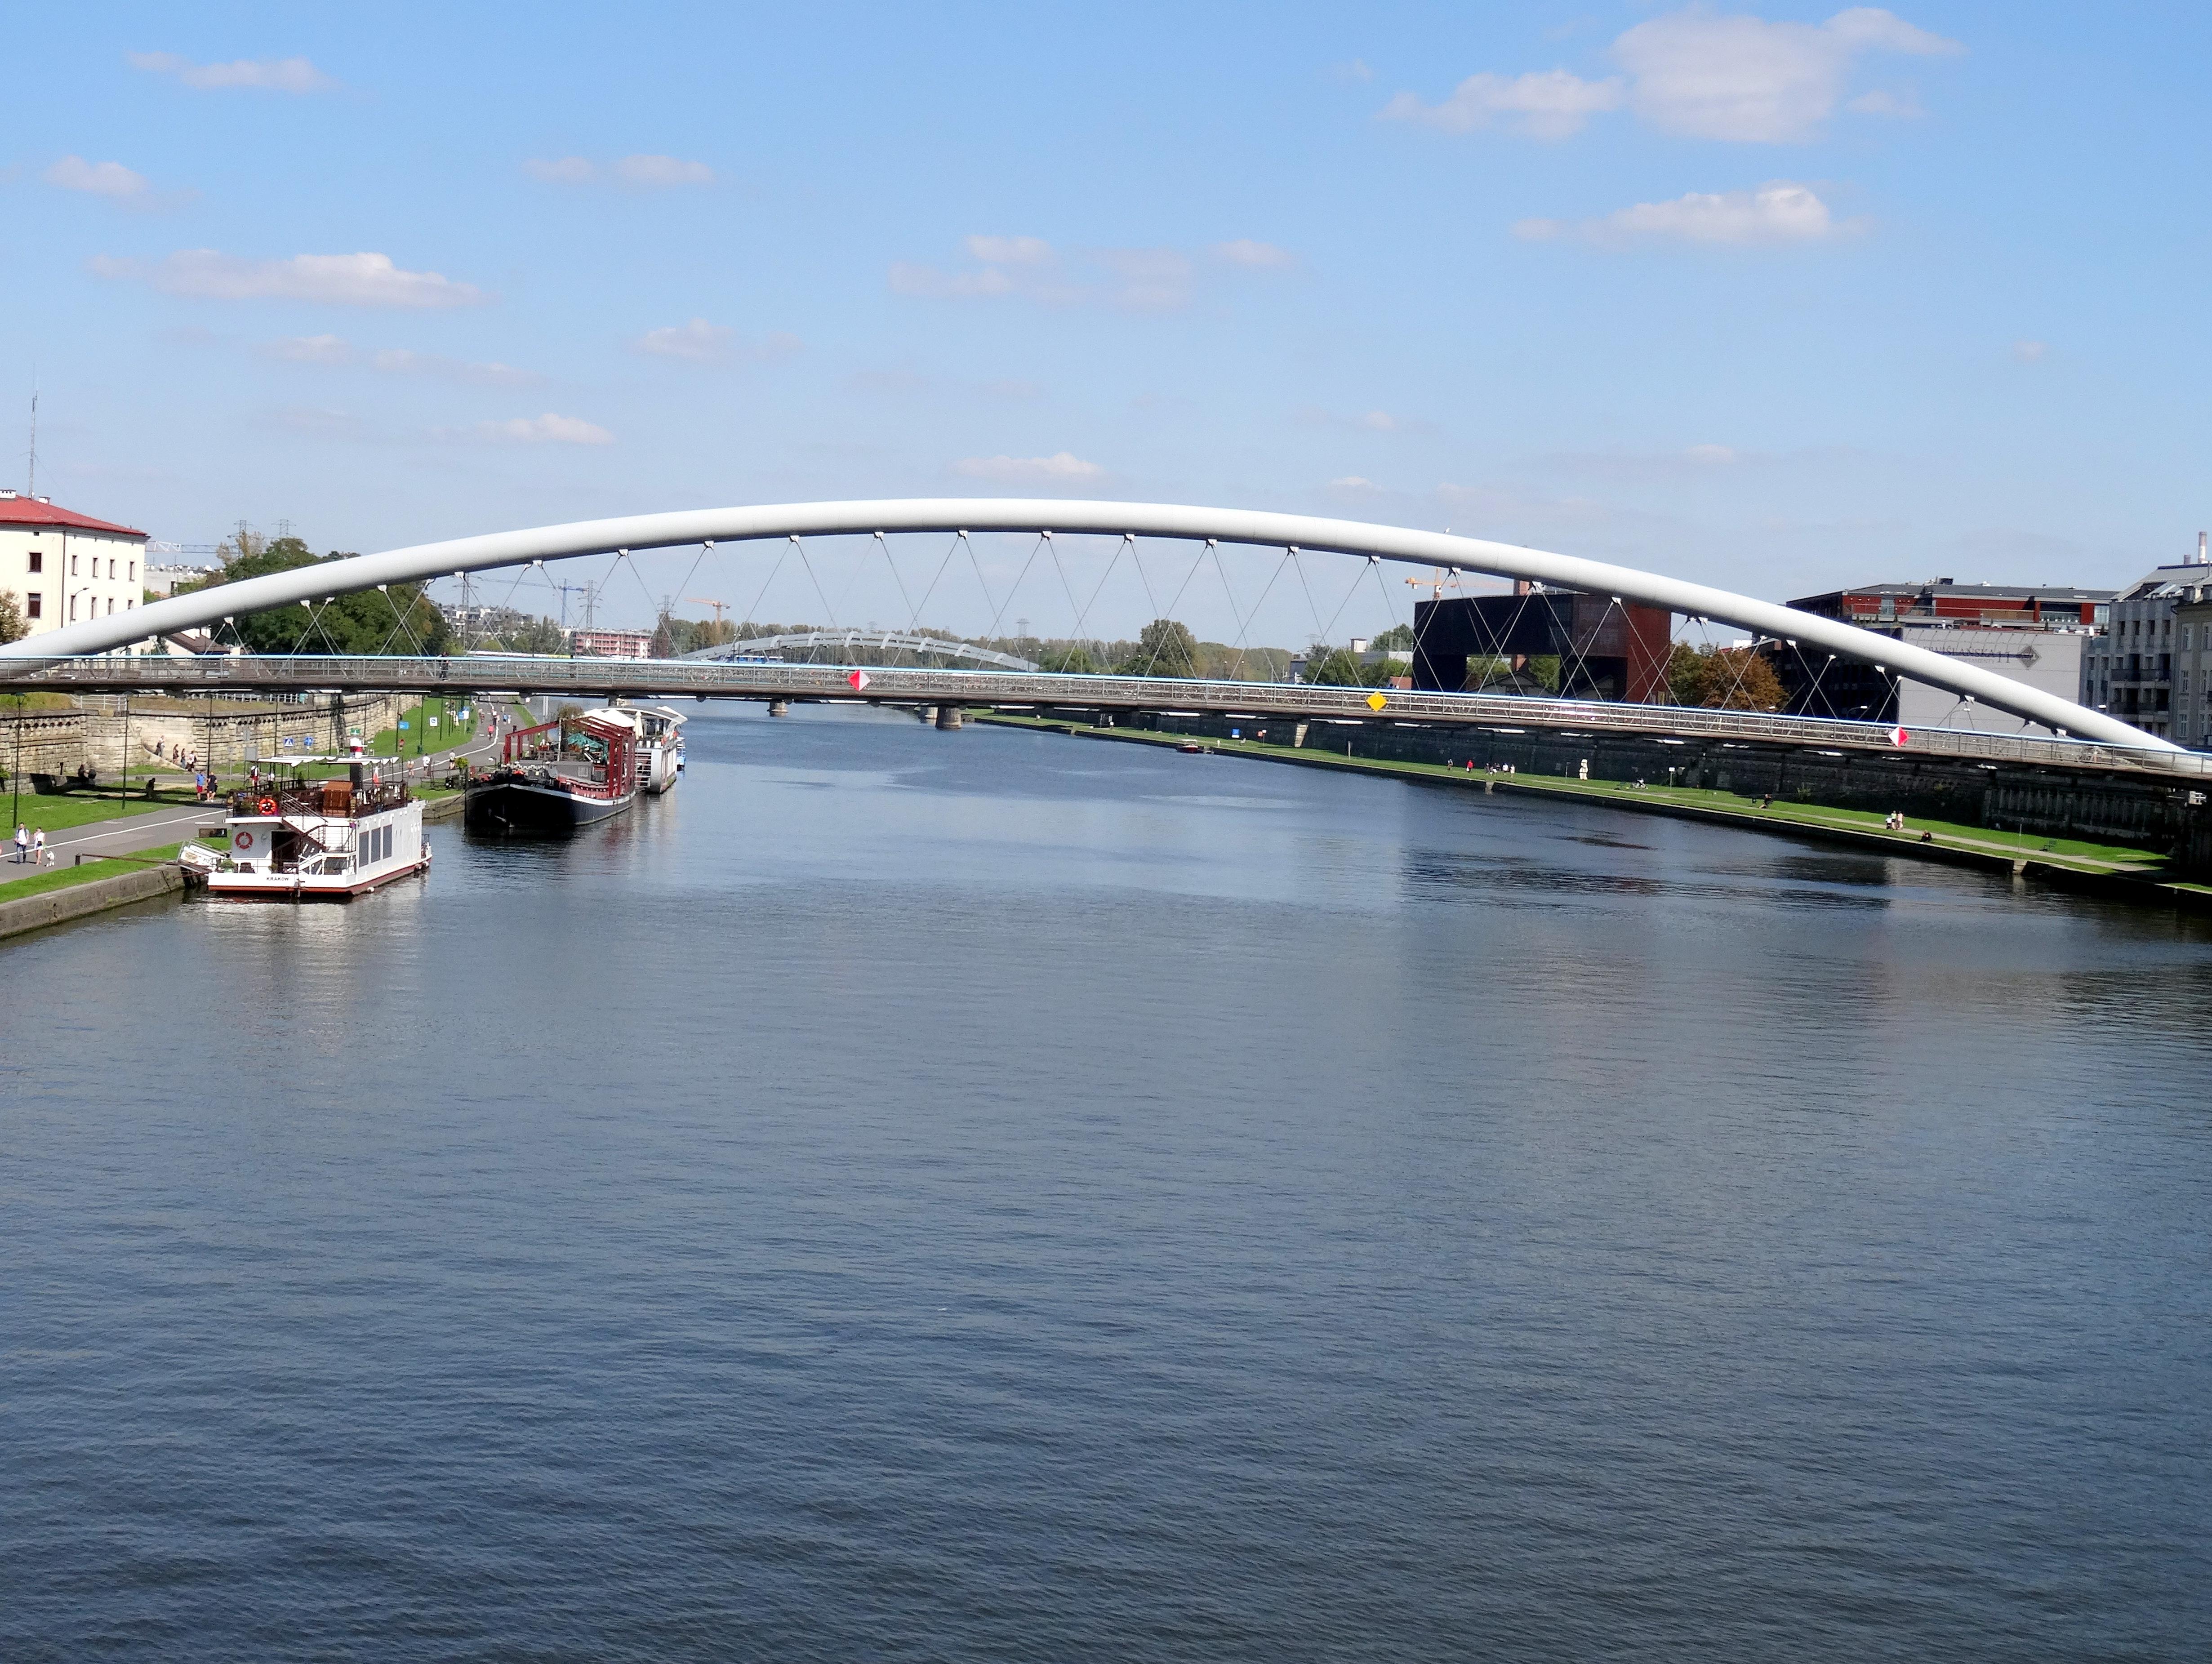 036-de-loopbrug-over-de-wisla-sinds-2010